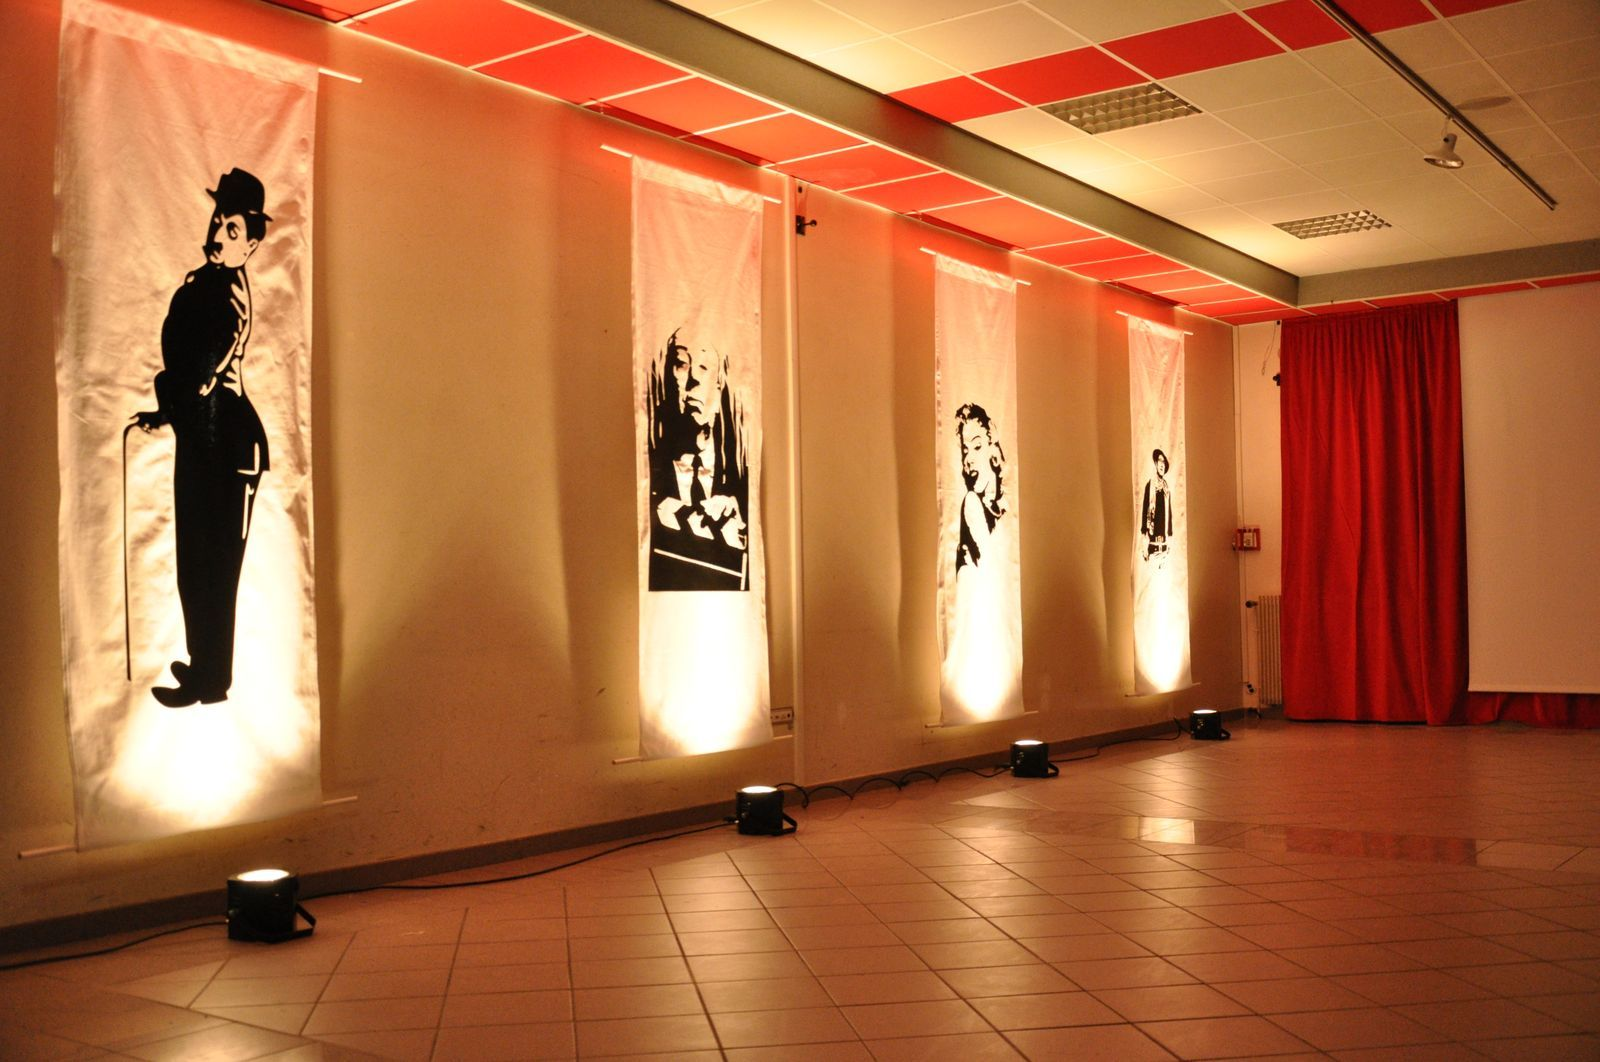 Deco Salle Cinema décoration d'une salle de cinéma éphémère - trait d'emotions